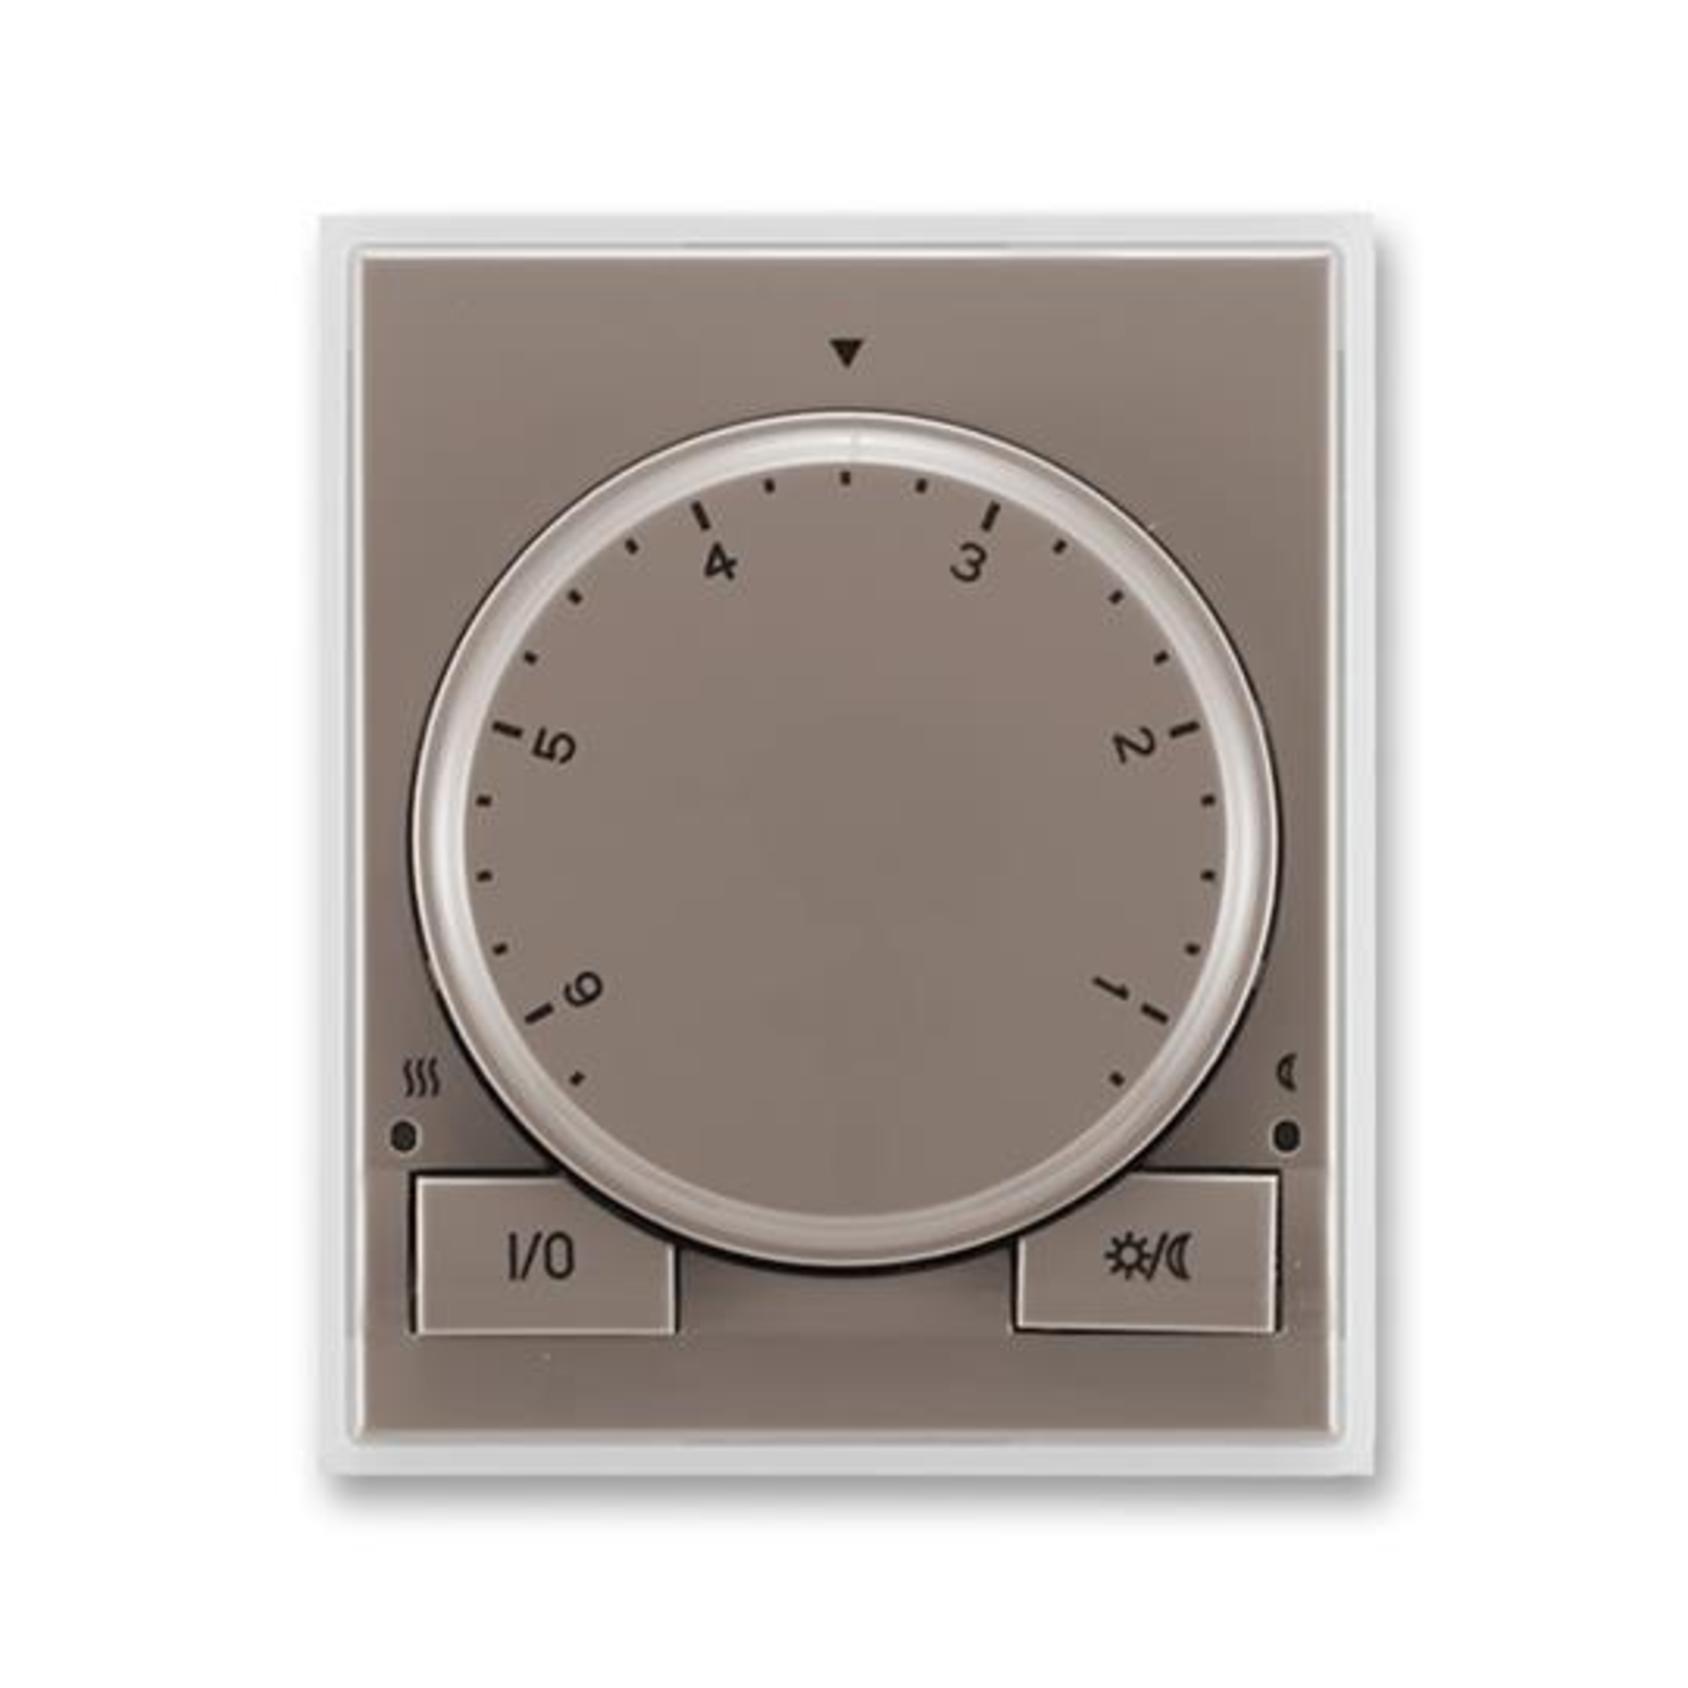 ABB 3292E-A10101 26 Time Termostat univerzální s otočným nastavením teploty (ovl. jednotka)